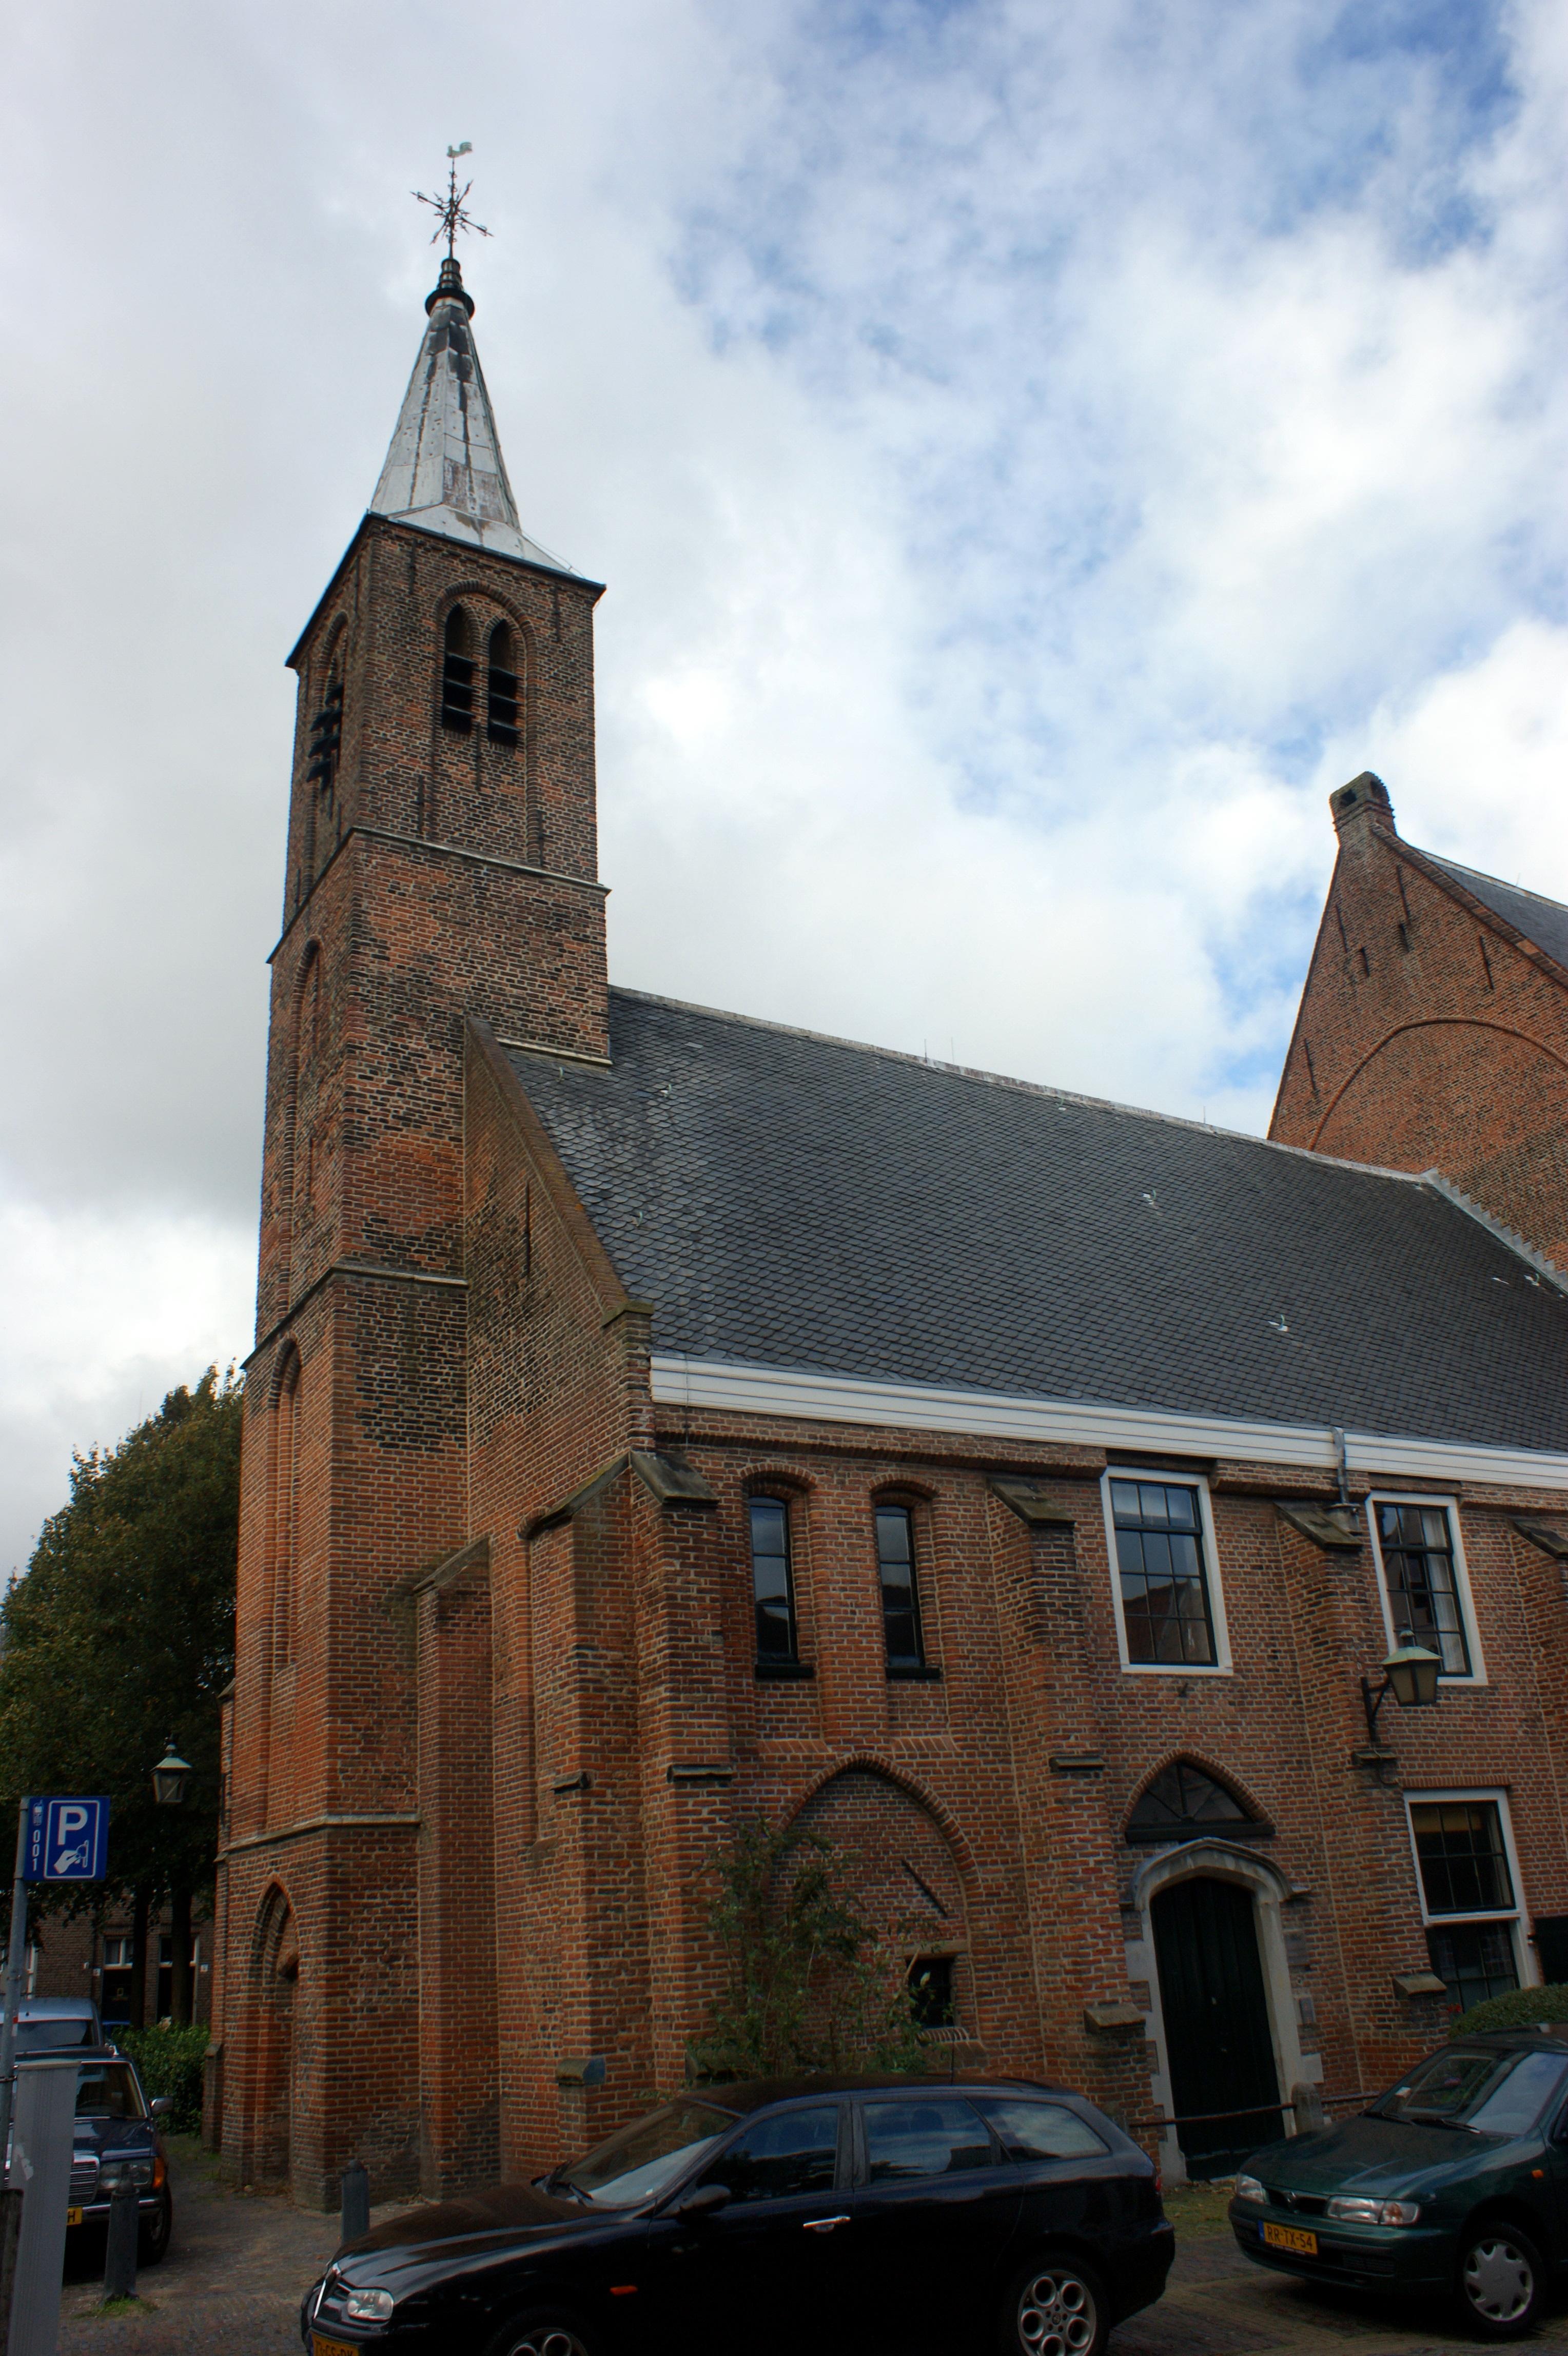 De Waalse Kerk in Haarlem